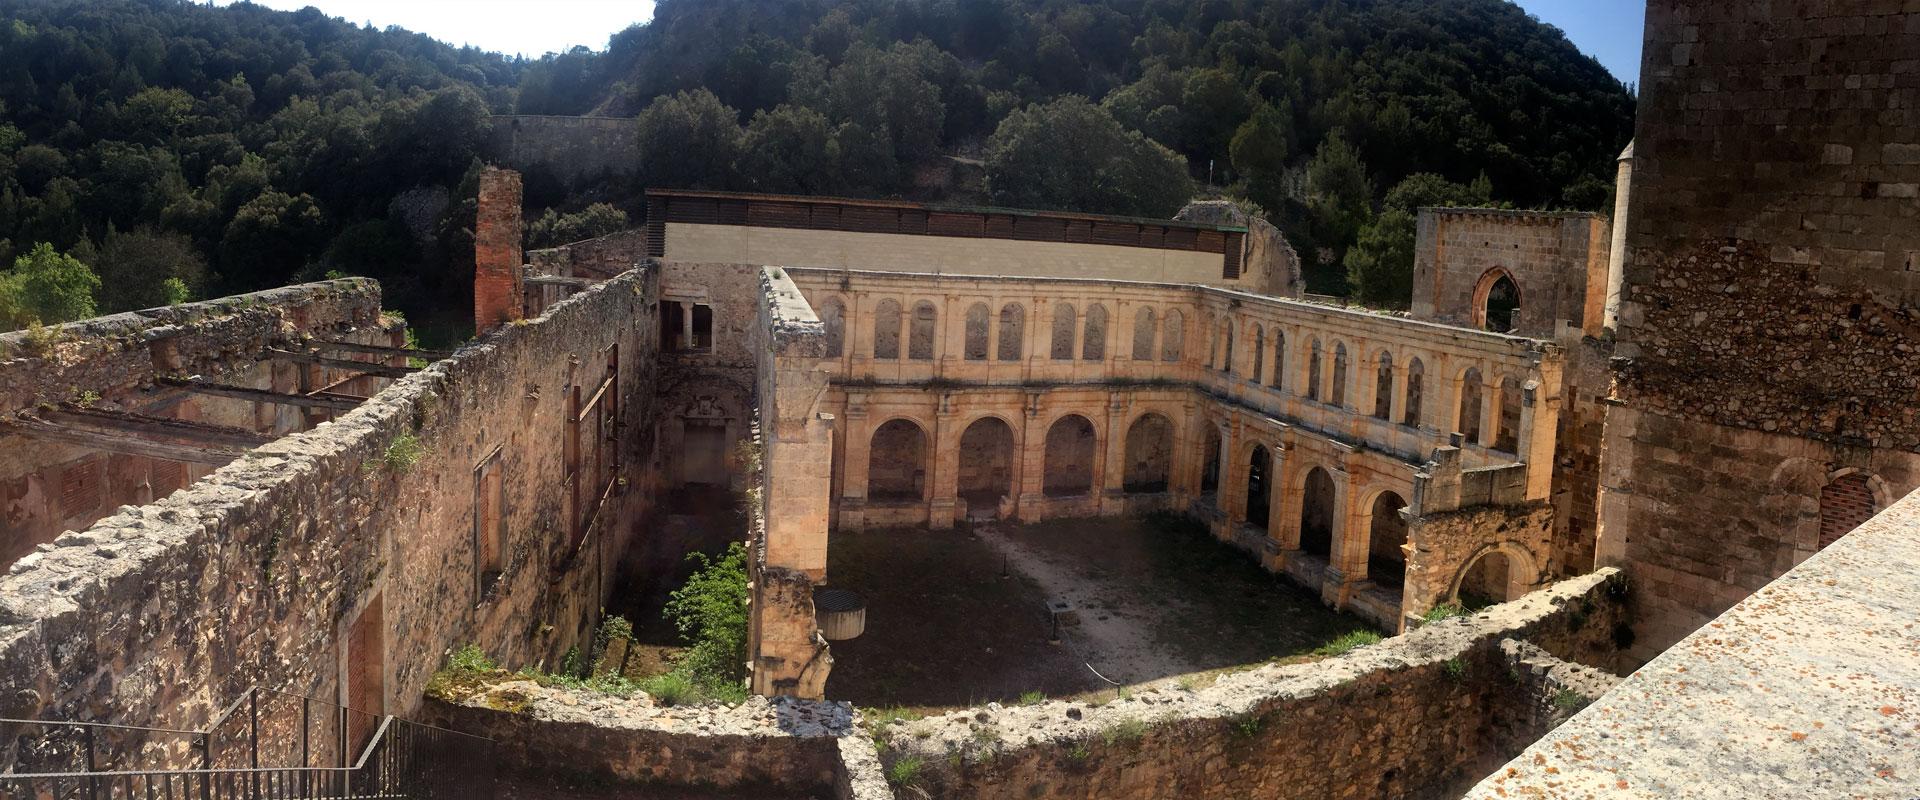 Panorámica de uno de los claustros del monasterio de San Pedro de Arlanza.